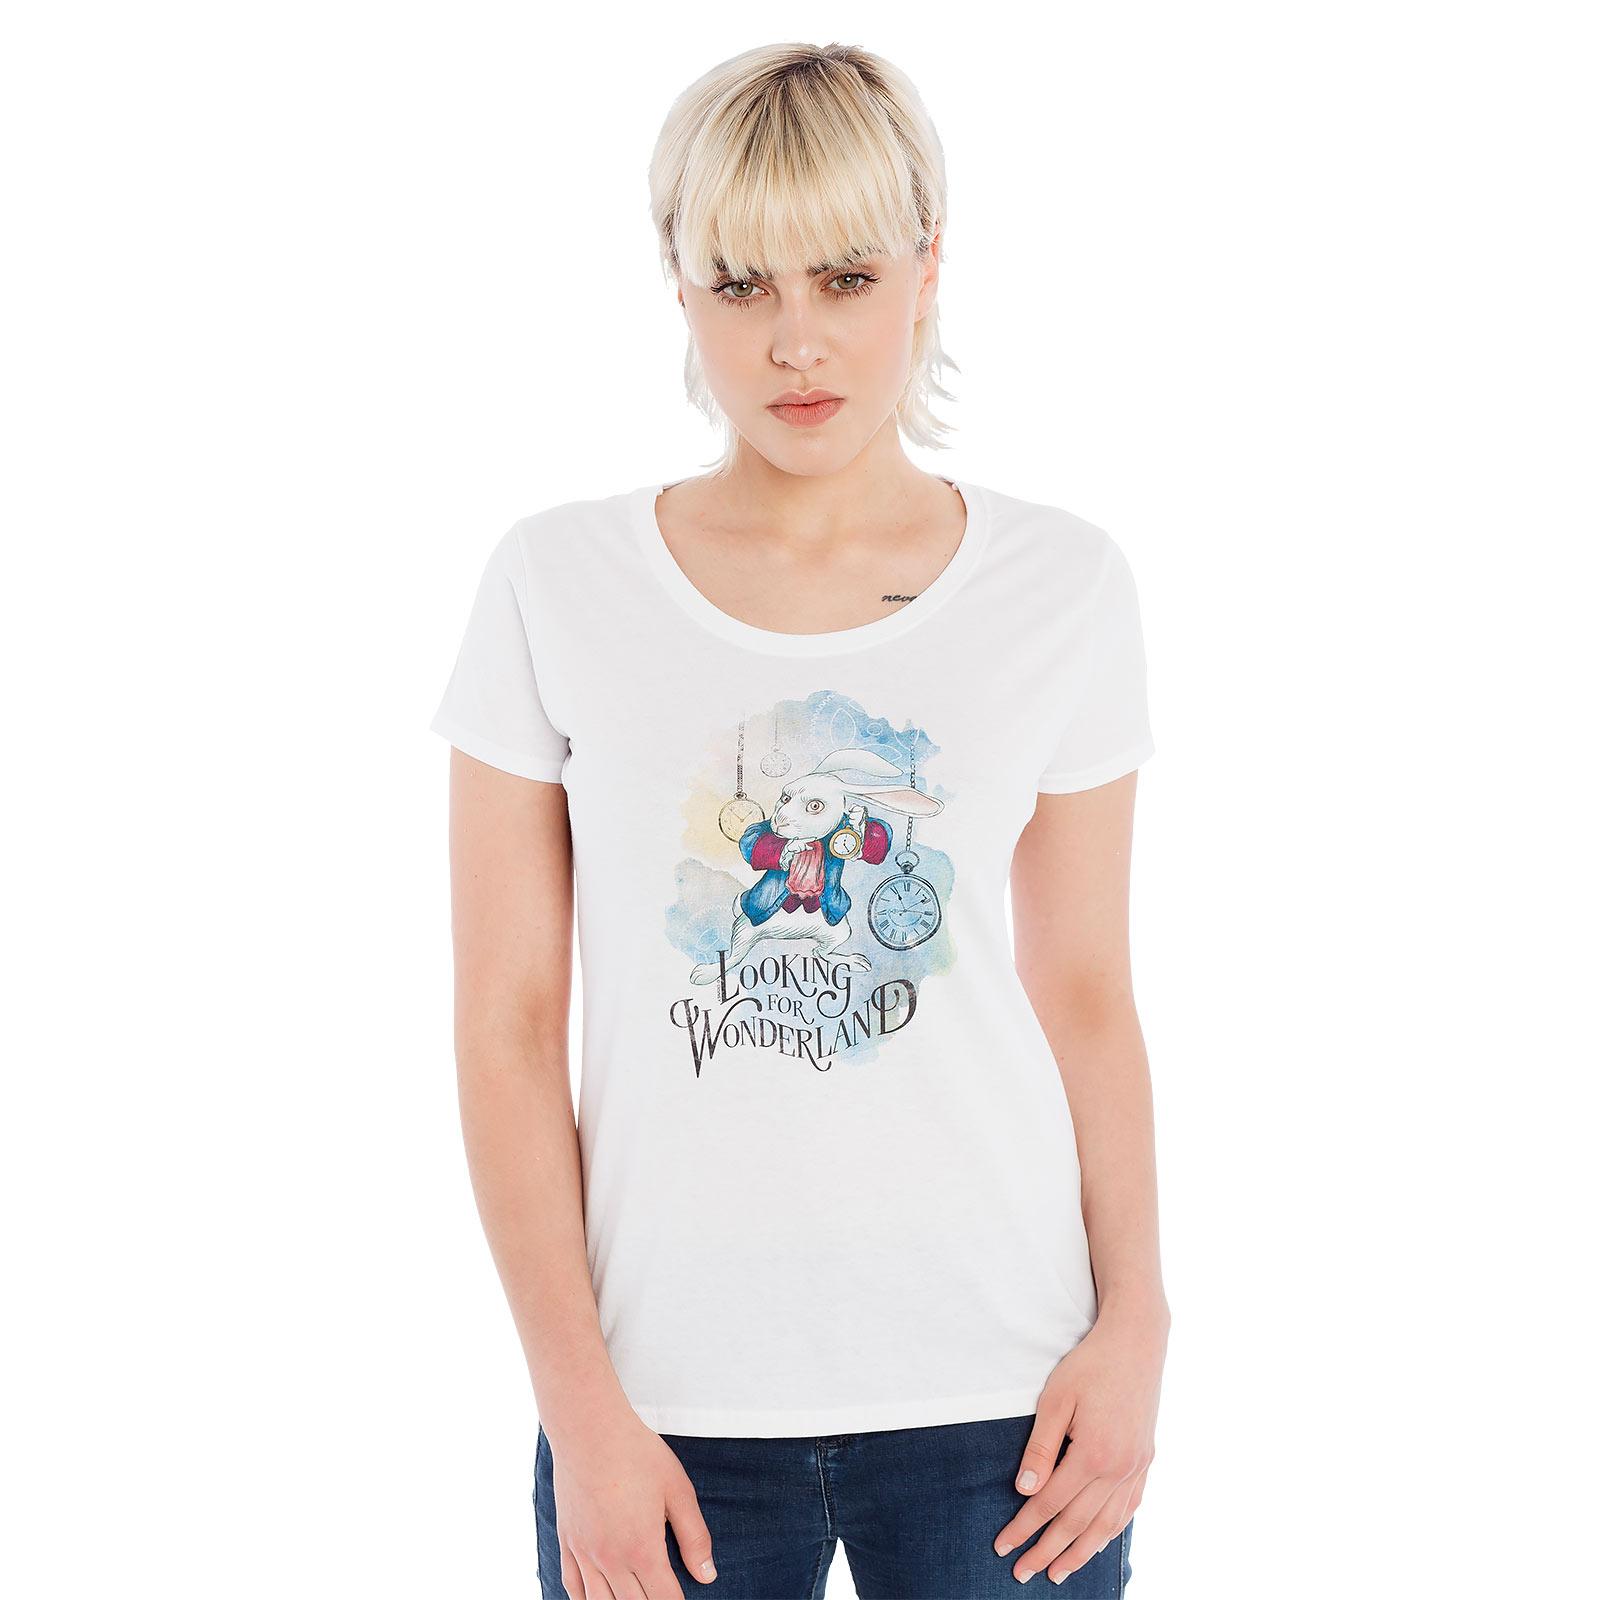 Alice im Wunderland - Wonderland Girlie Shirt weiß